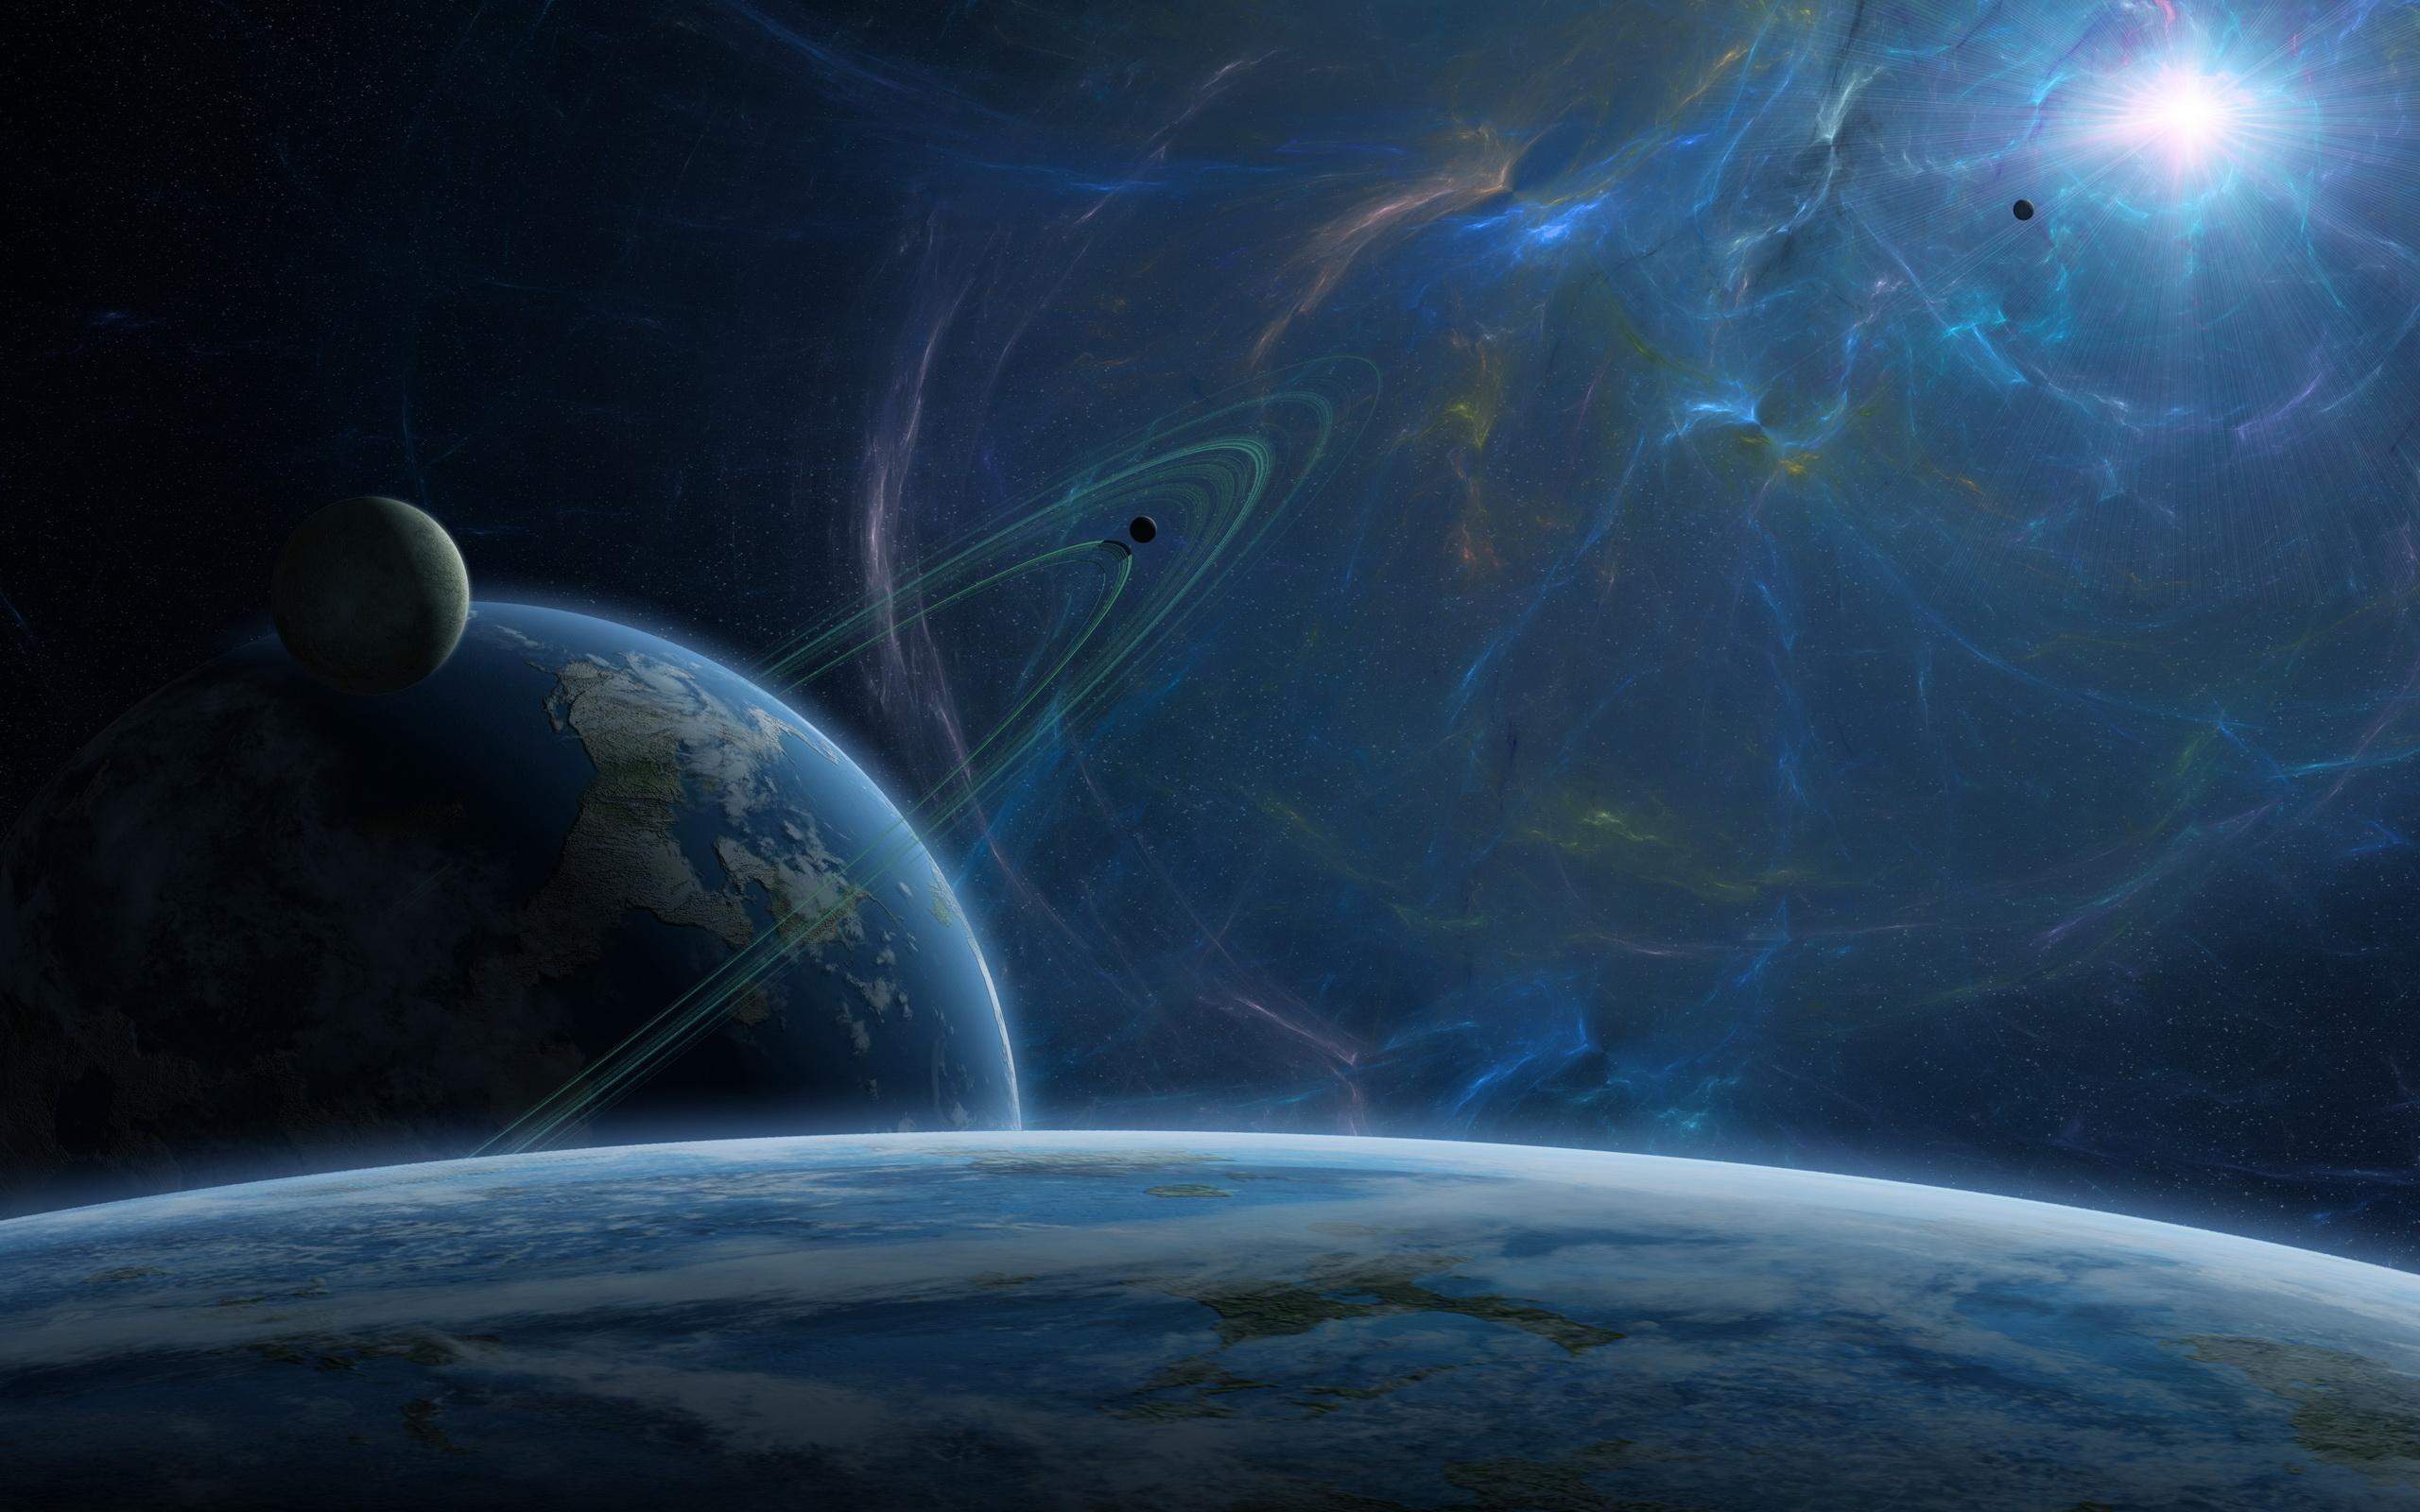 космос картинки качество синс